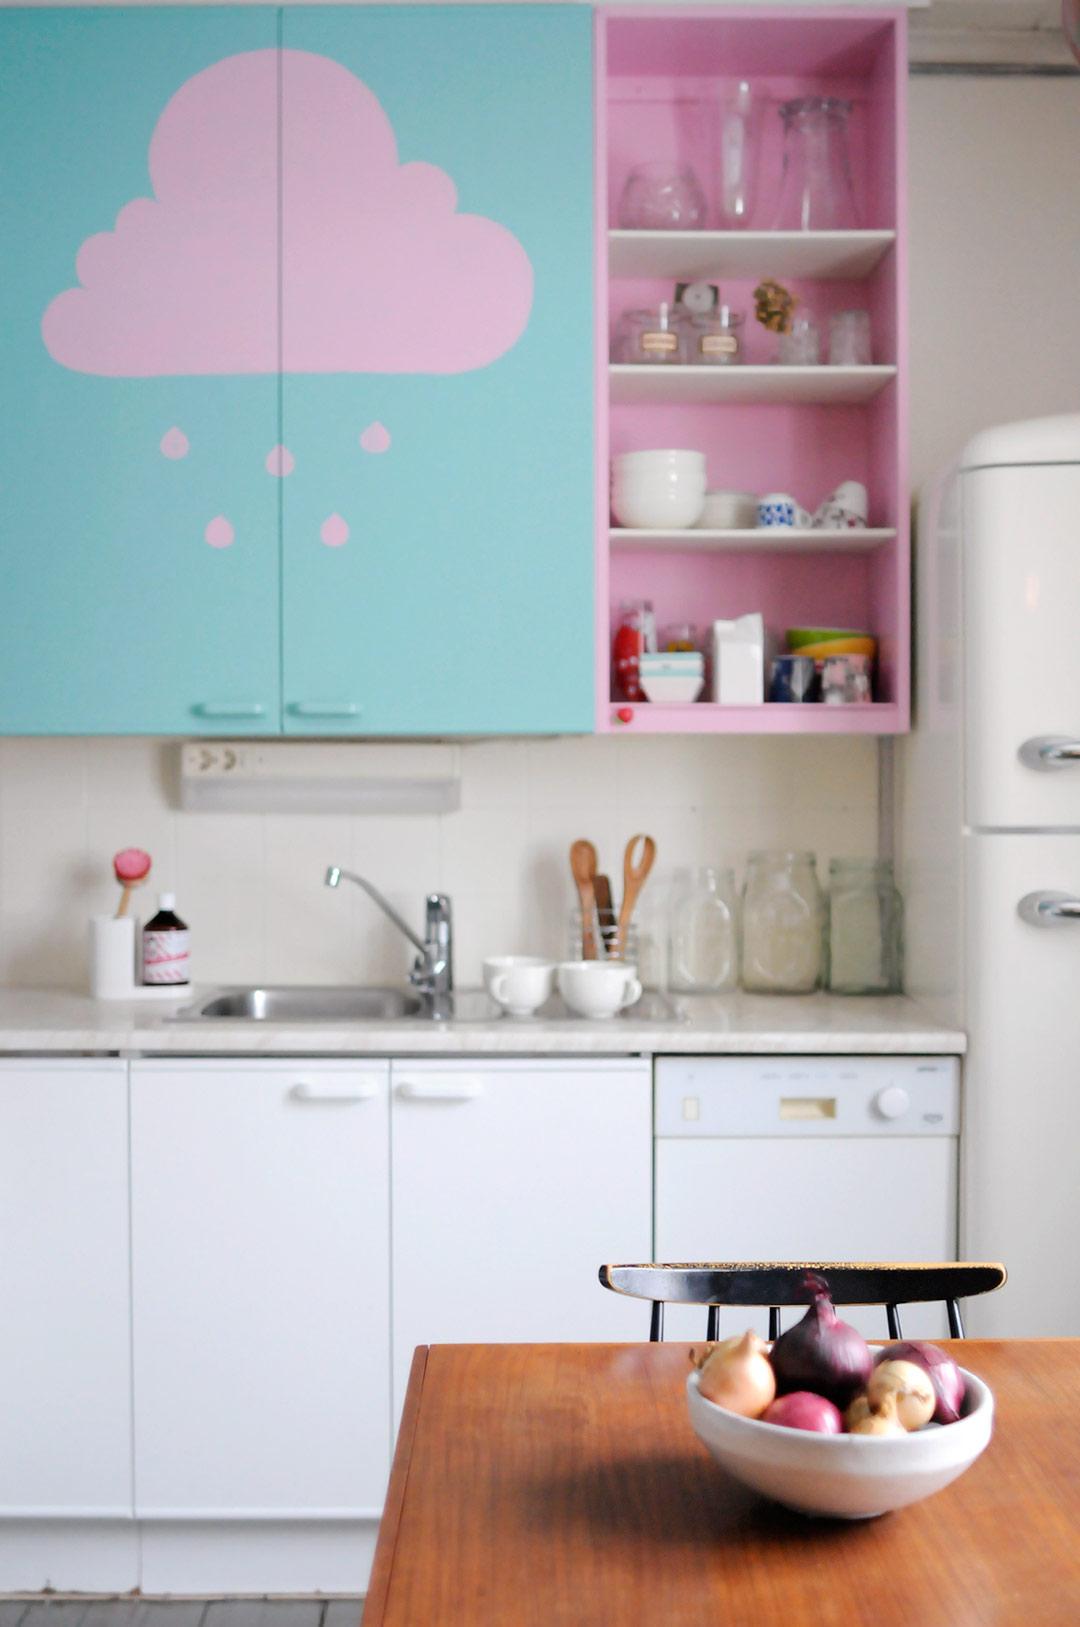 Vaaleanpunaisia pilvenhattaroita keittiönkaapeissa